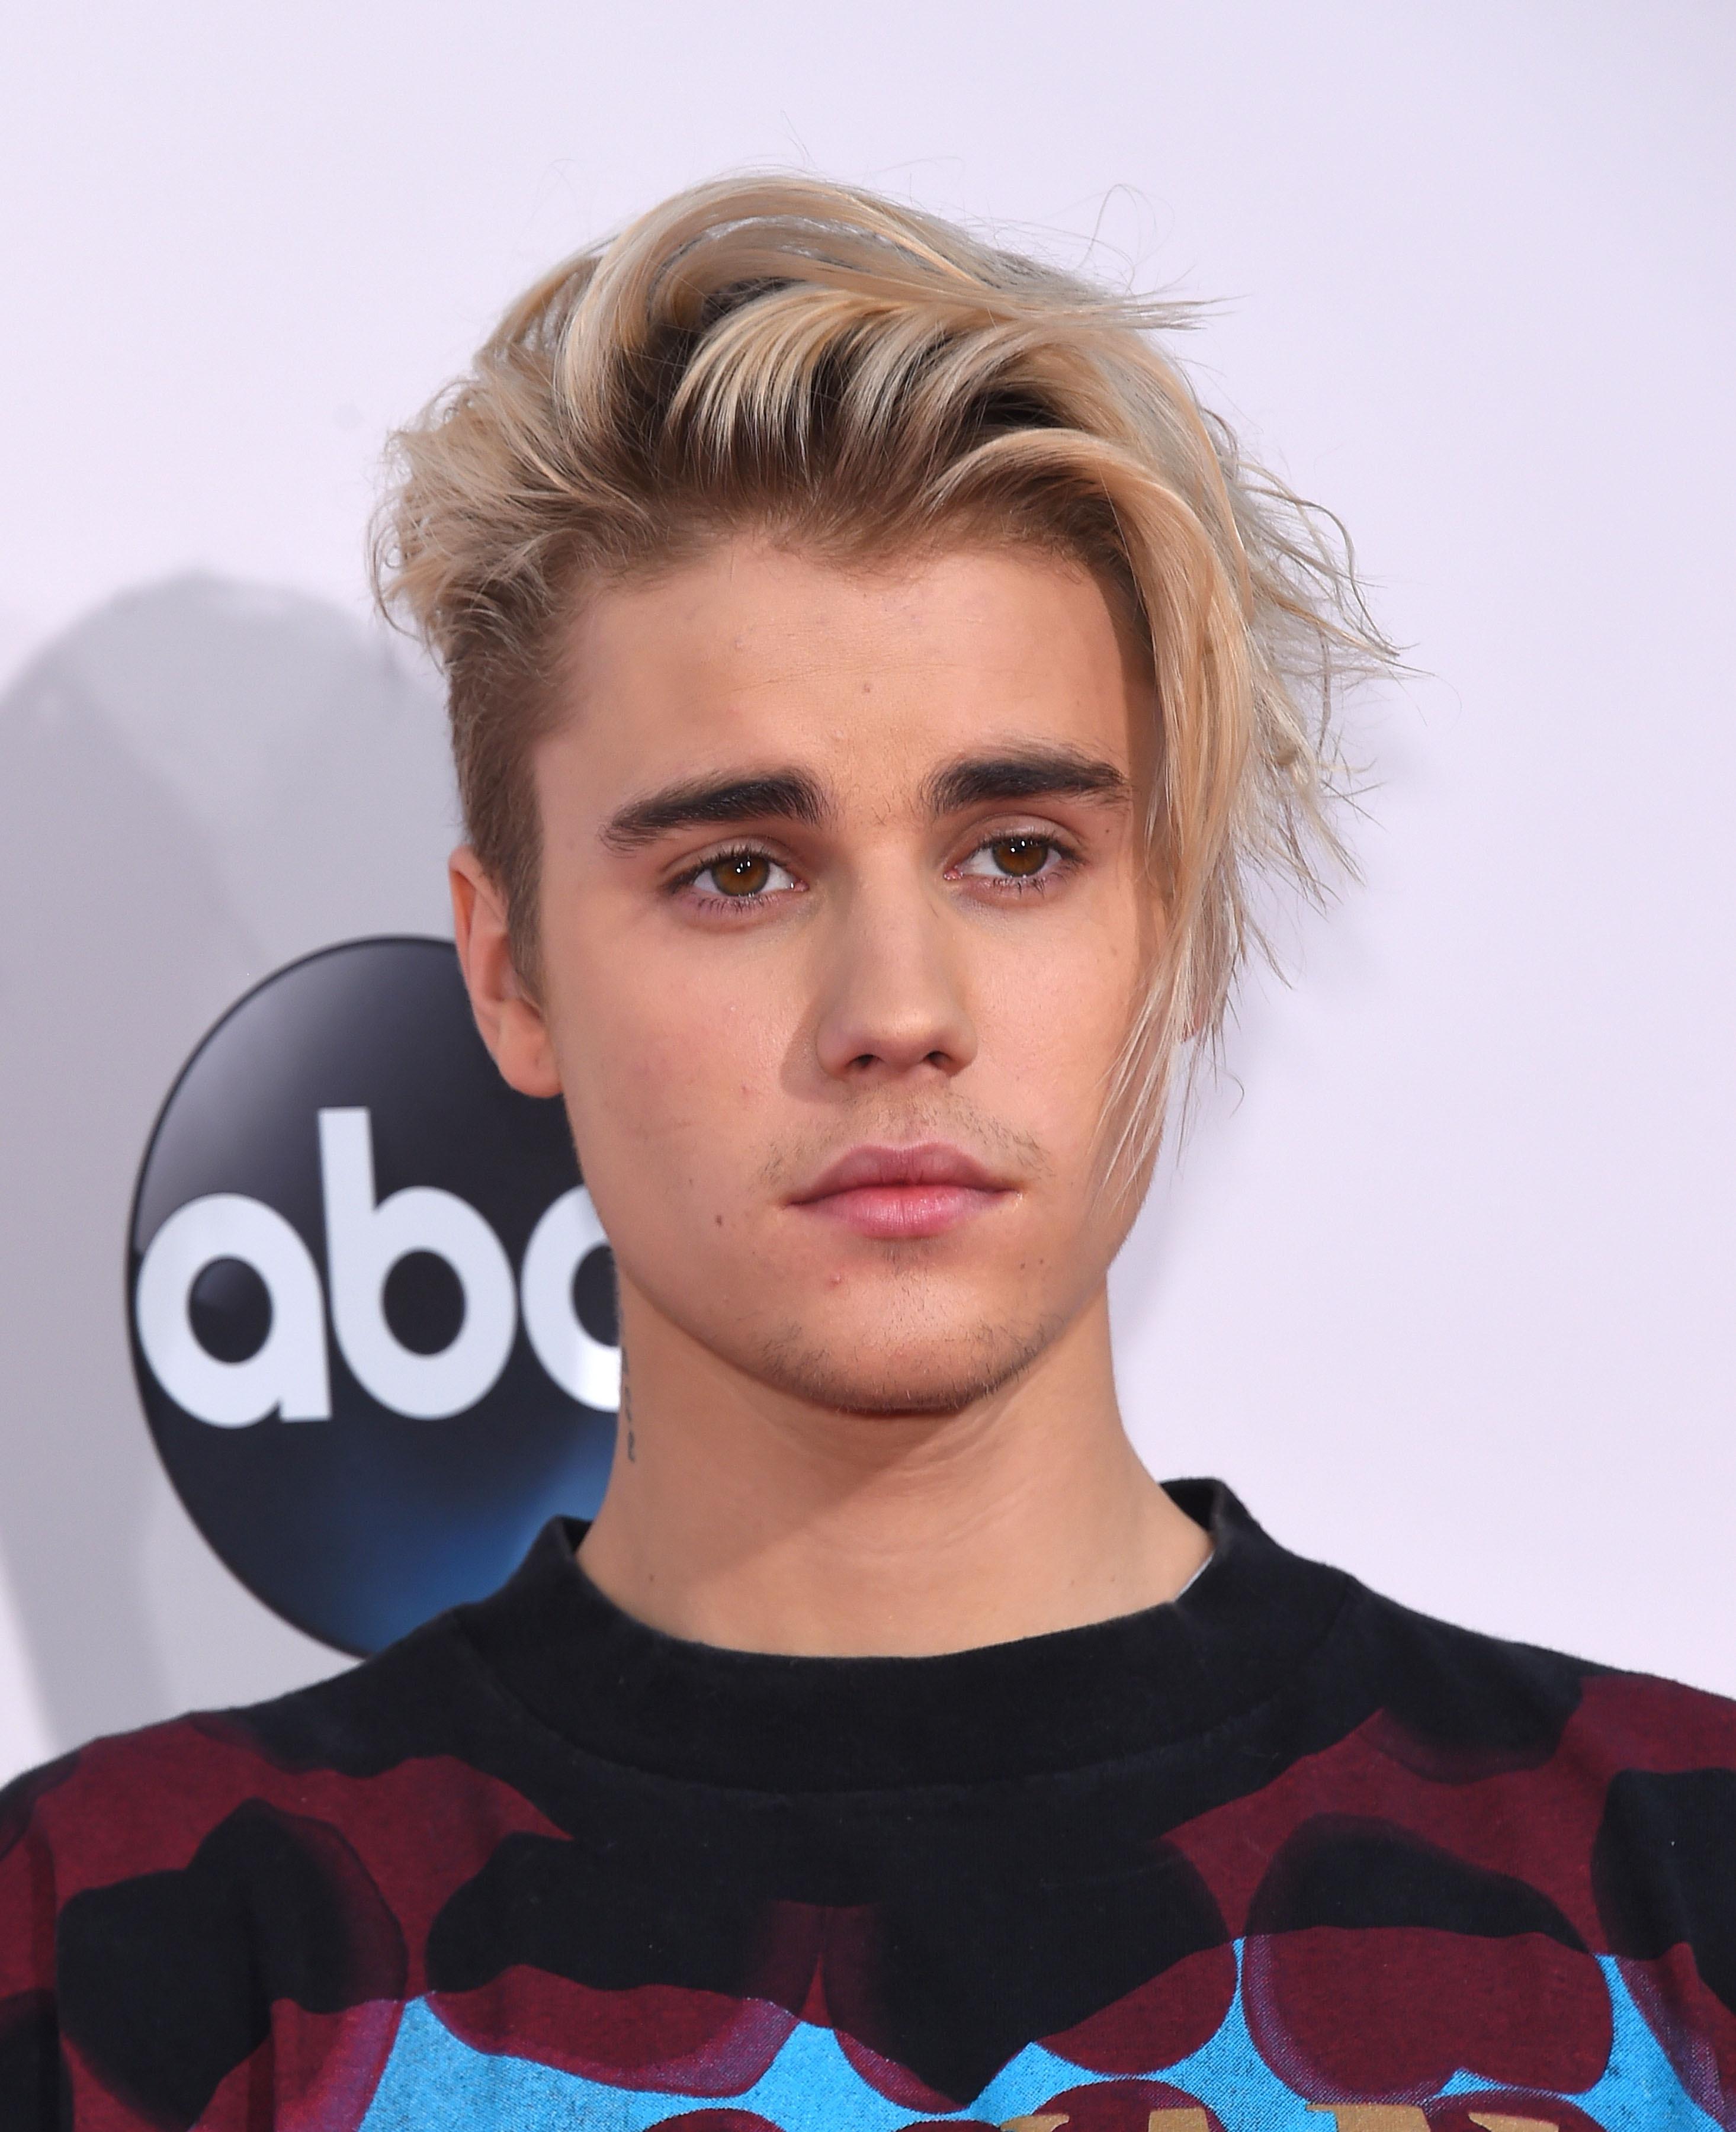 Woe-hoe! Ook Justin Bieber naakt gespot op vakantie!